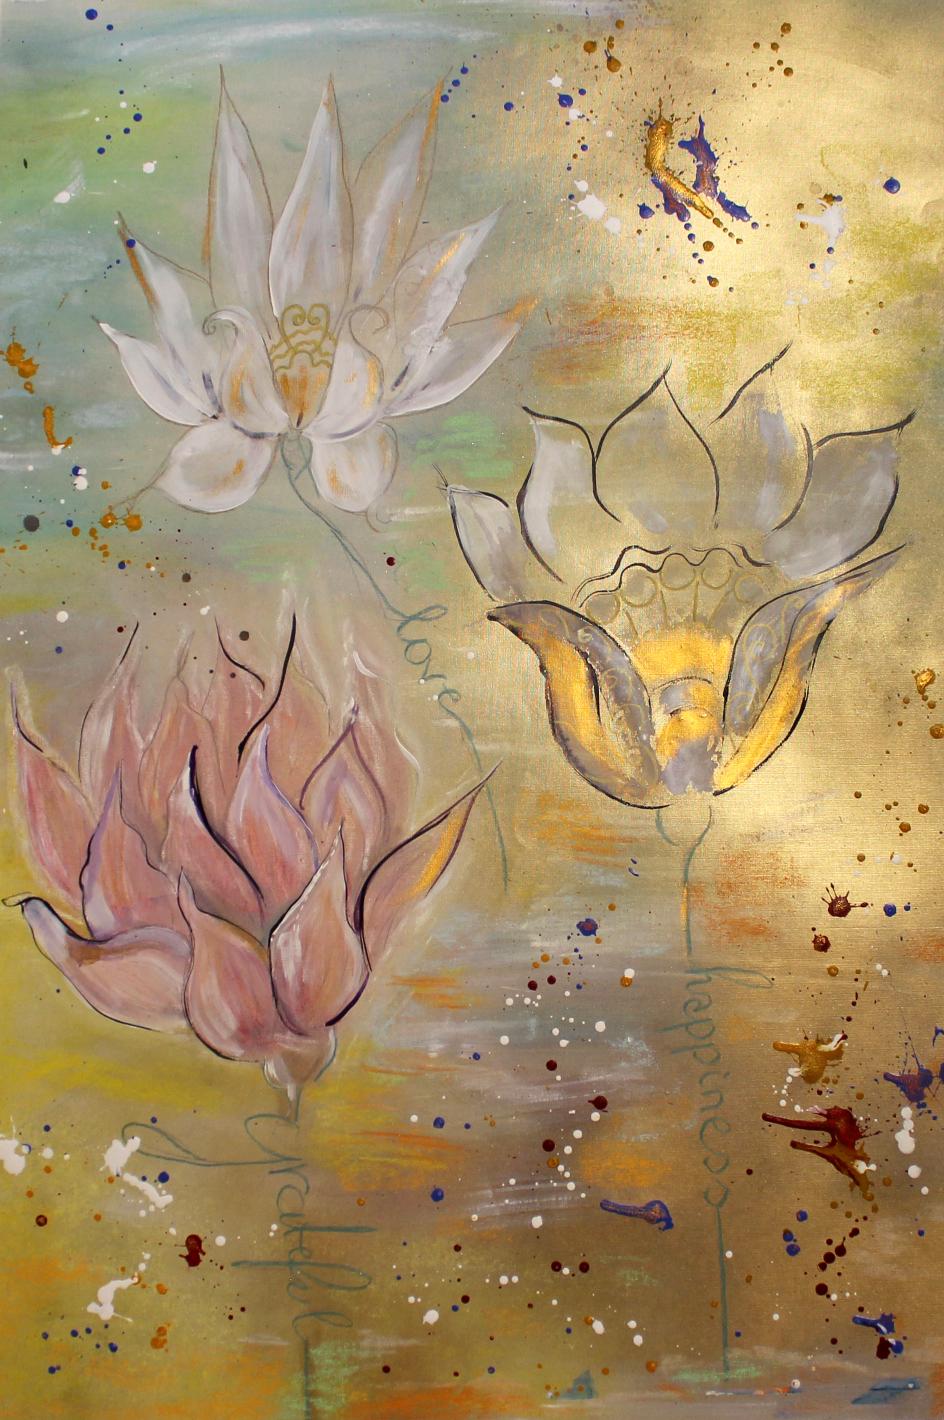 Die 3 Lotussäulen; Mixed Art auf Buchleinen-Papier; ca. 90 x 70 cm